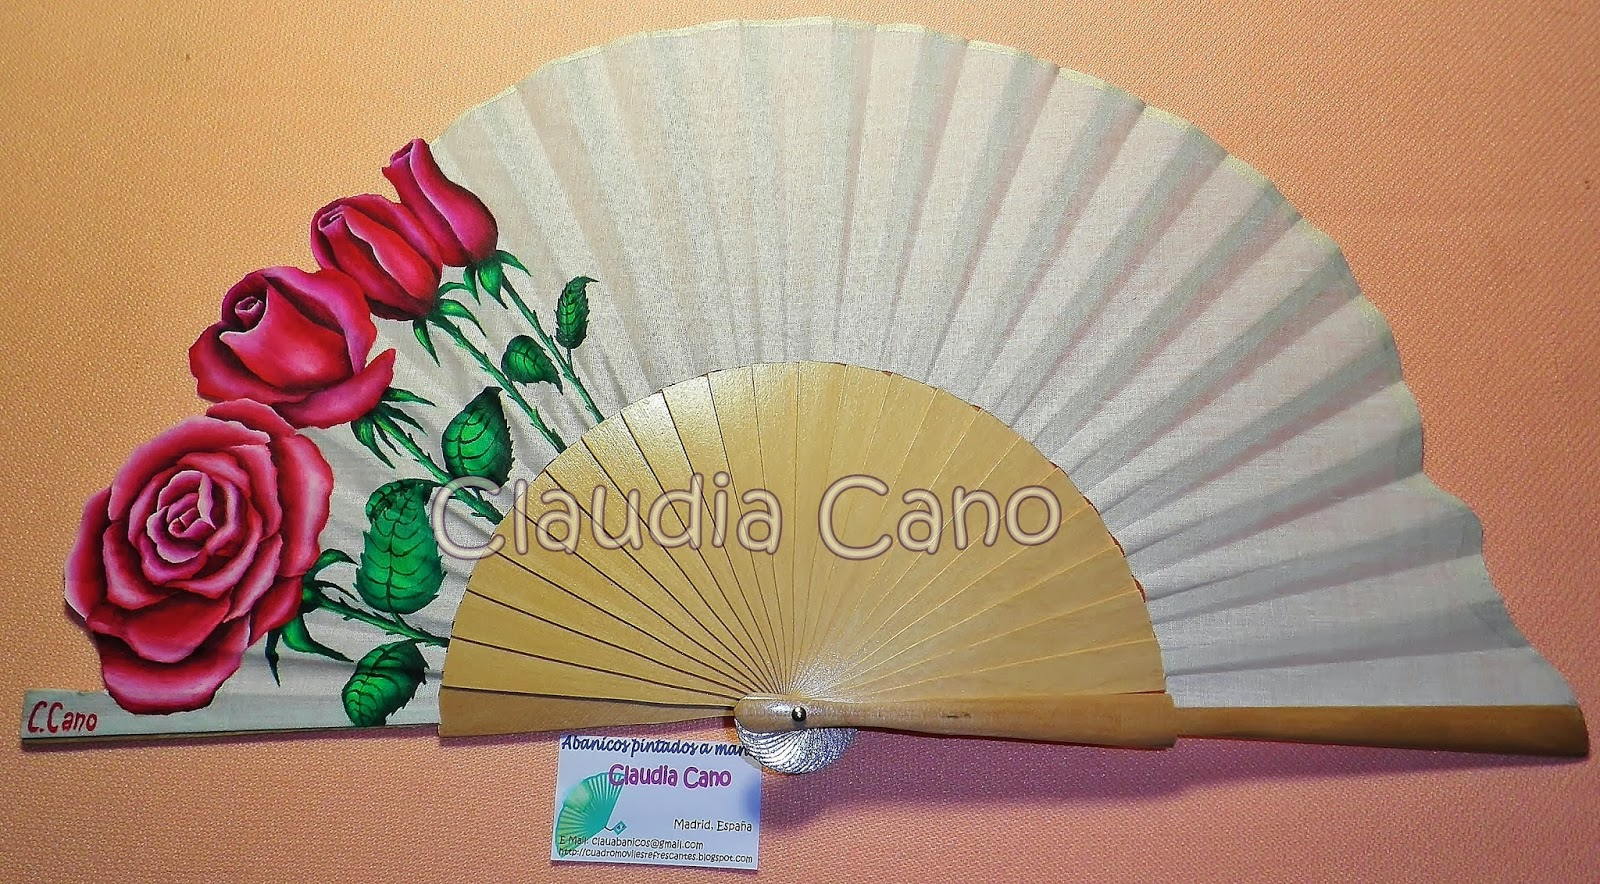 Abanicos pintados a mano por claudia cano borde de rosas - Abanicos pintados a mano originales ...